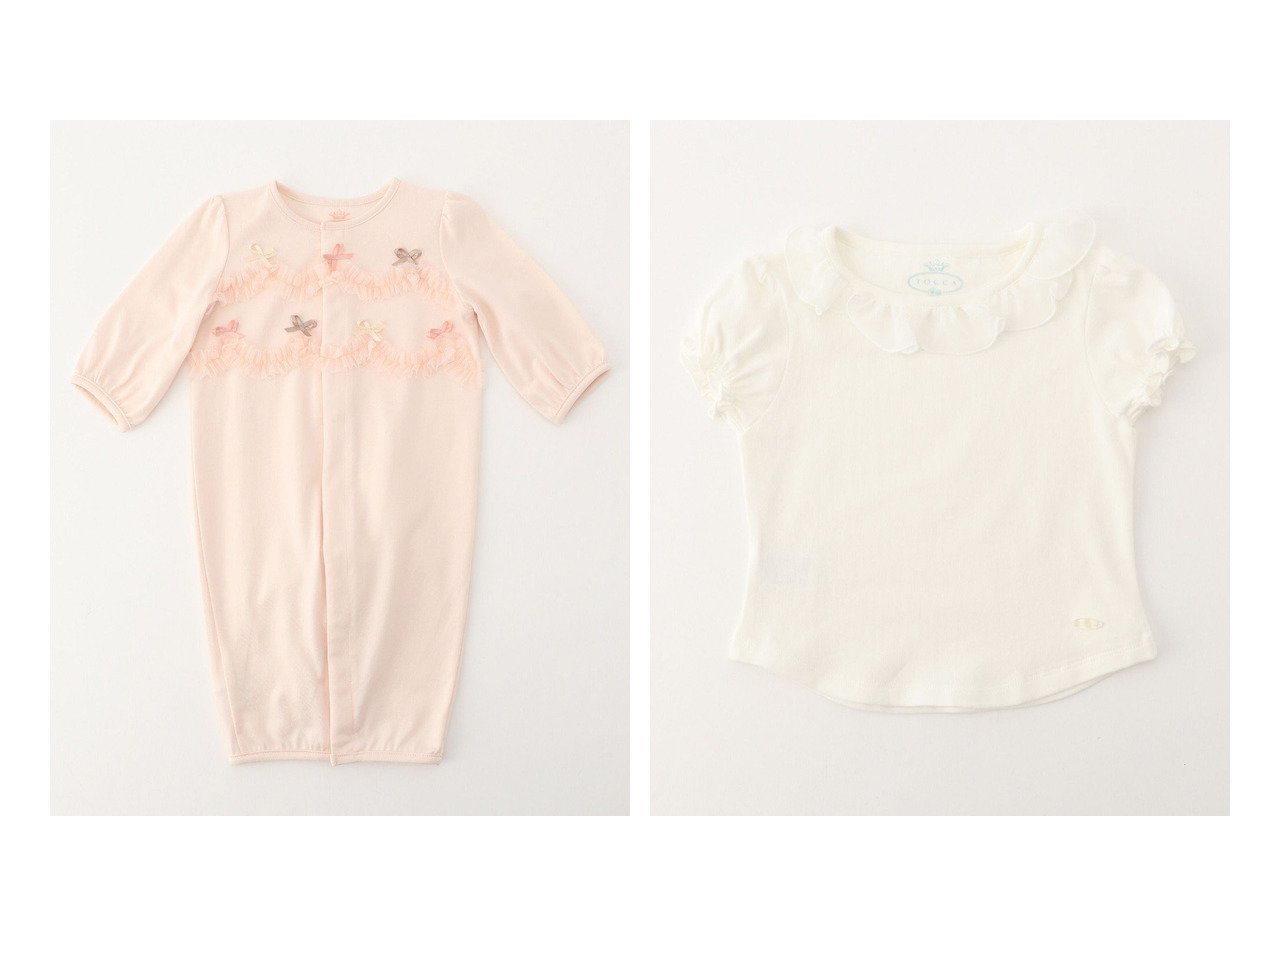 【TOCCA BAMBINI / KIDS/トッカ バンビーニ】の【BABY】フラワーカラー カットソー&【BABY】ガトーマリアージュ ロンパース 【BABY】ベビー服のおすすめ!人気、キッズファッションの通販 おすすめで人気の流行・トレンド、ファッションの通販商品 インテリア・家具・メンズファッション・キッズファッション・レディースファッション・服の通販 founy(ファニー) https://founy.com/ ファッション Fashion キッズファッション KIDS トップス・カットソー Tops/Tees/Kids 送料無料 Free Shipping チュール フィット ベビー リボン ロンパース インナー カットソー シンプル フラワー フリル ベーシック 半袖 |ID:crp329100000044623